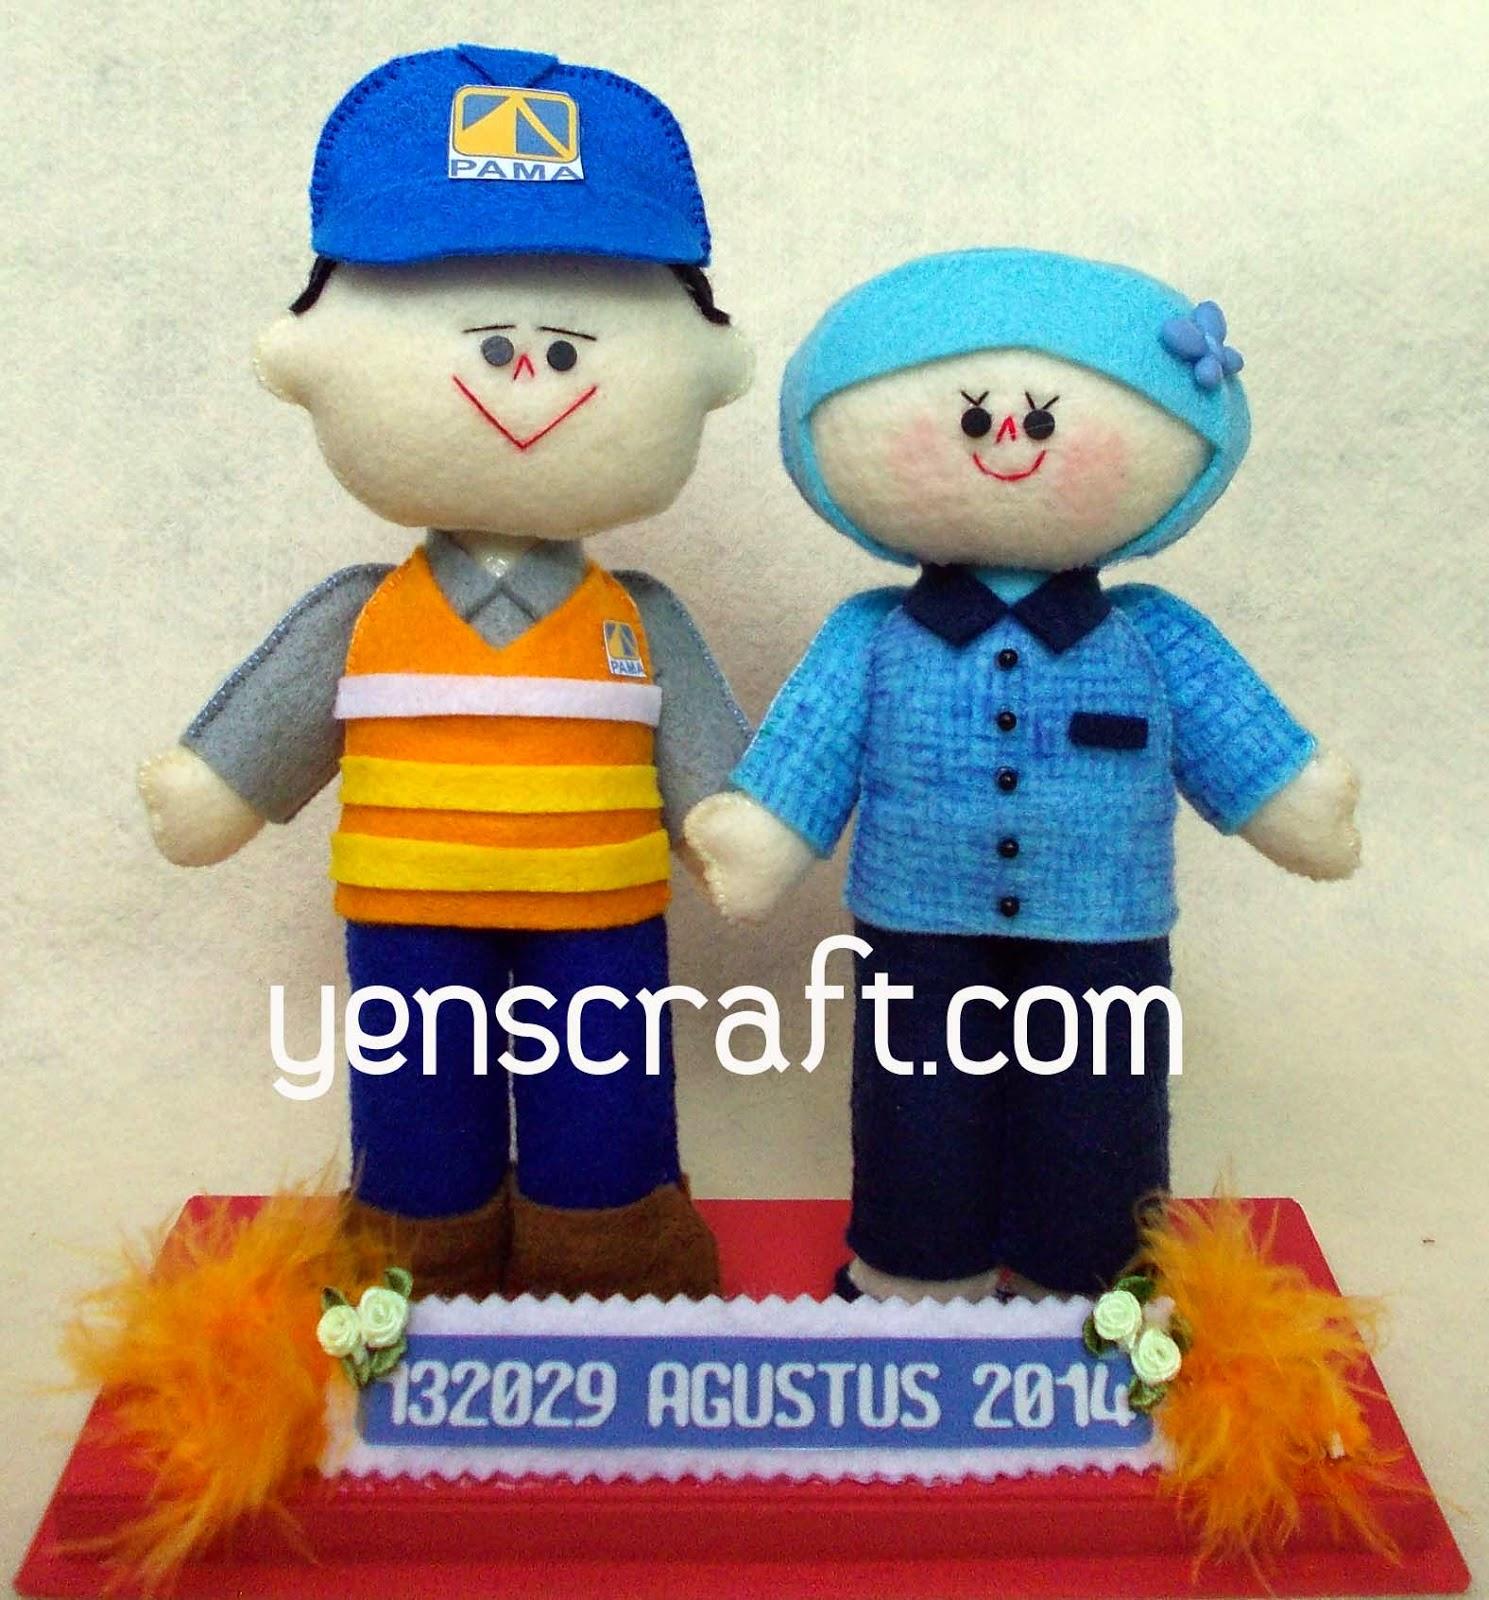 boneka couple profesi karyawan pama